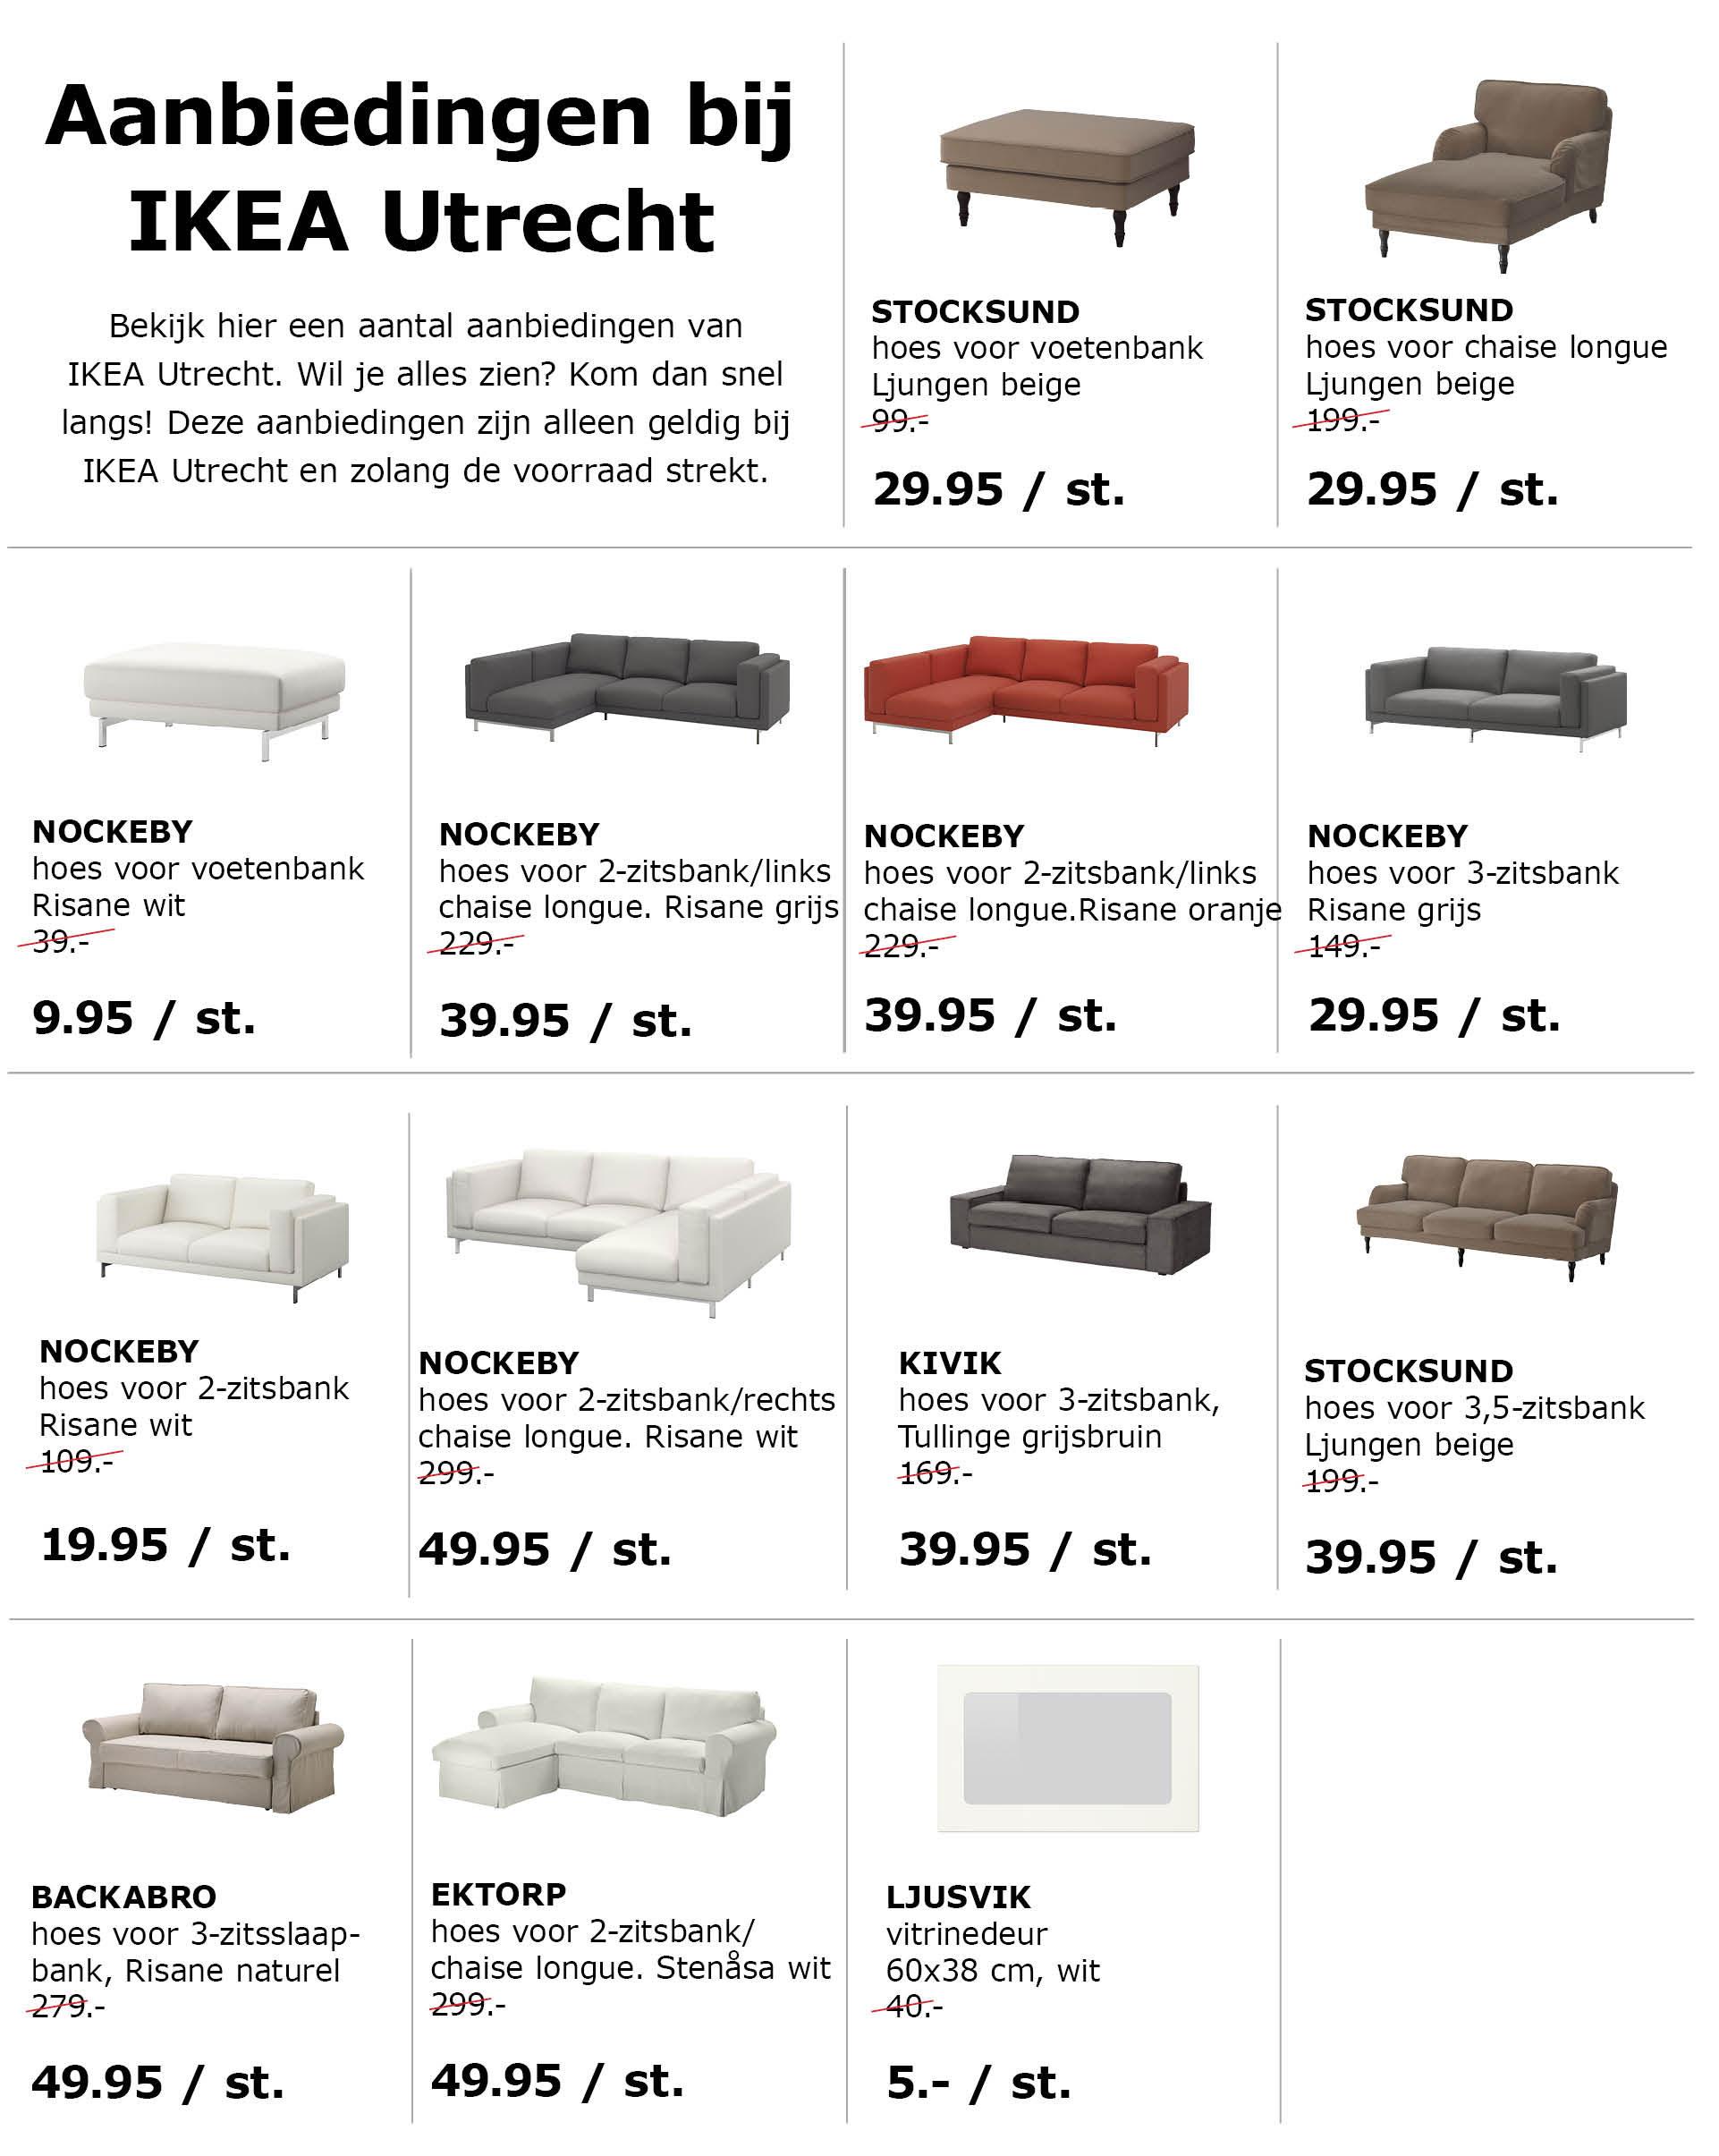 Hoge kortingen op bank-hoezen @ IKEA Utrecht